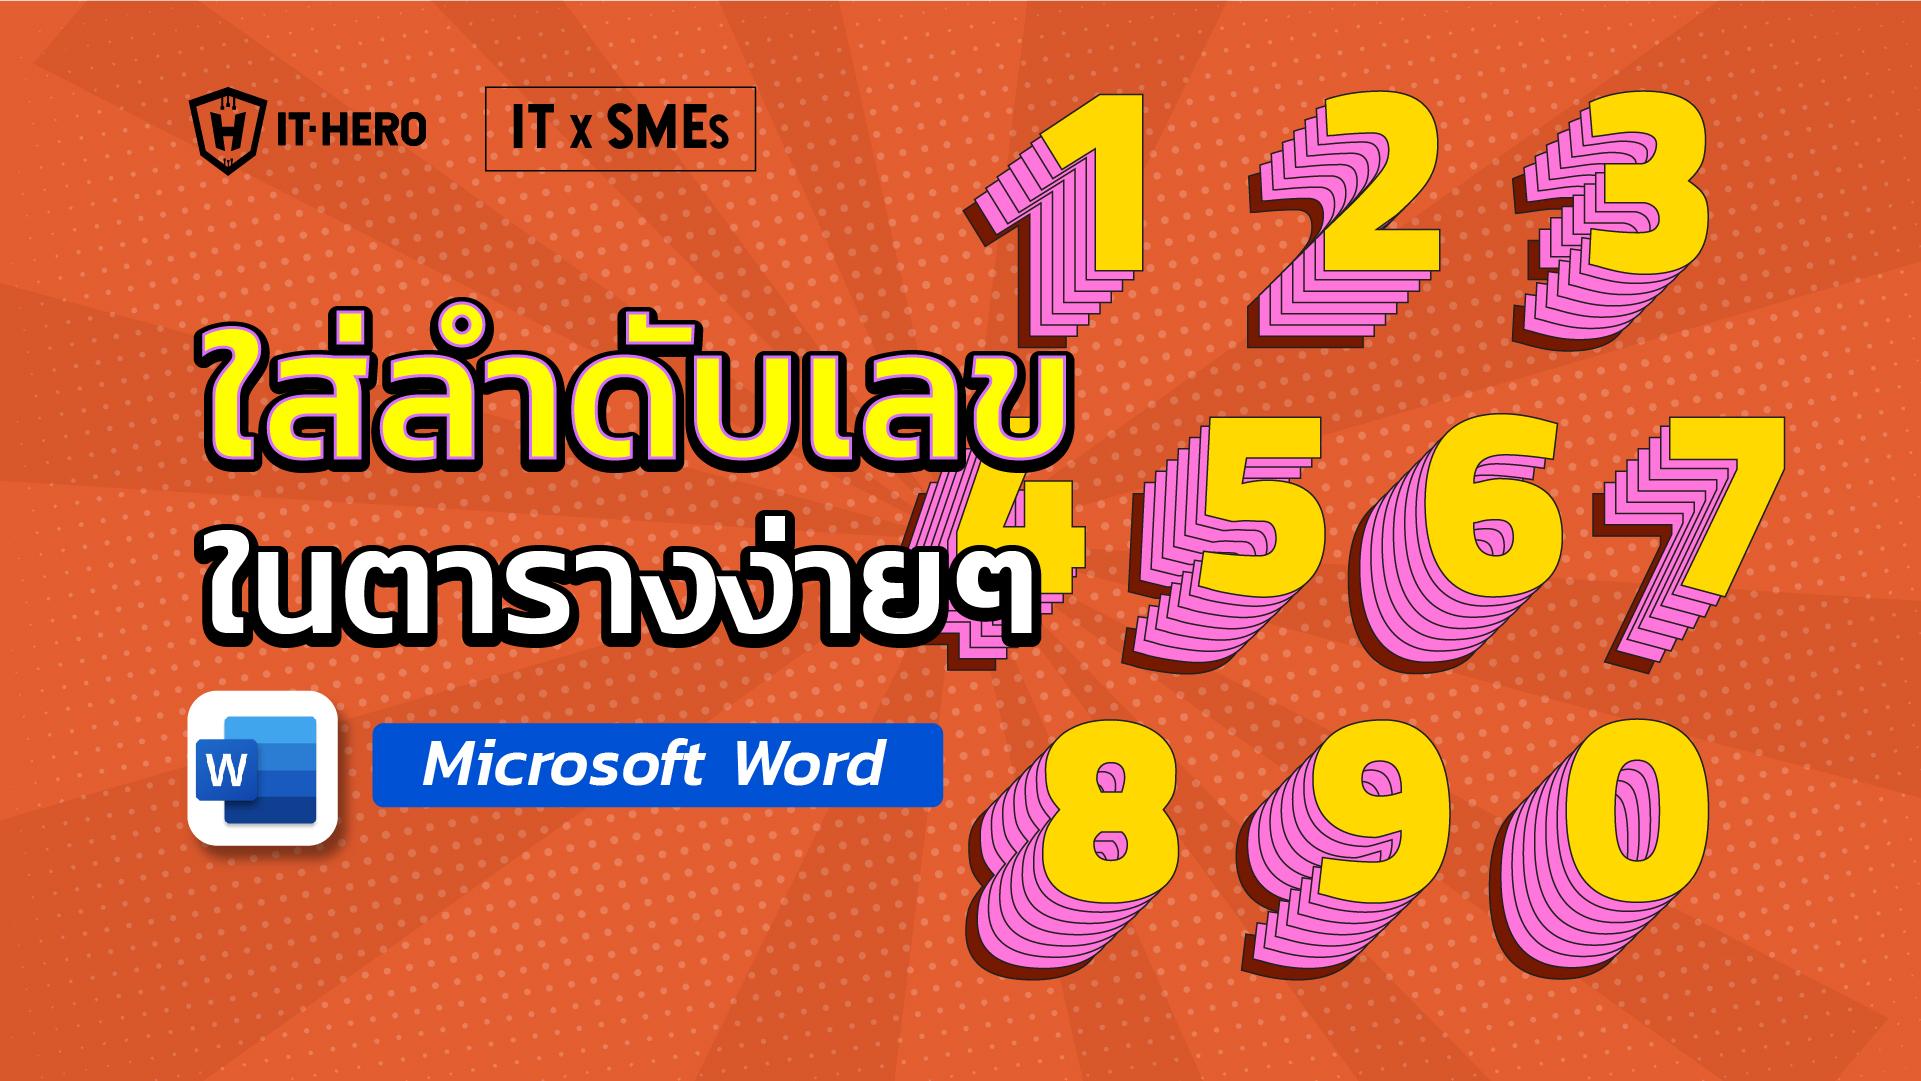 การใส่ลำดับเลขในตารางที่ทำใน Microsoft Word อย่างรวดเร็ว